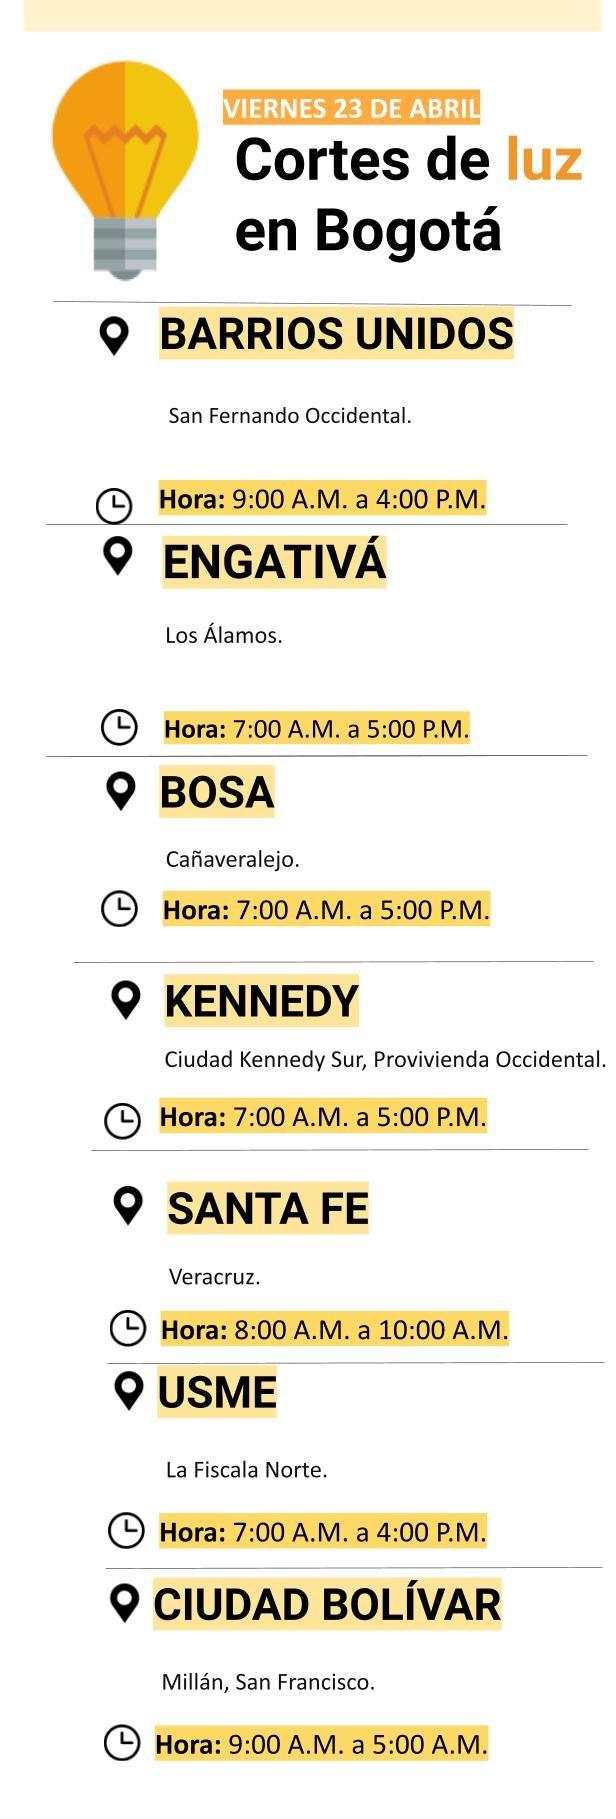 Cortes de luz en Bogotá para el viernes 23